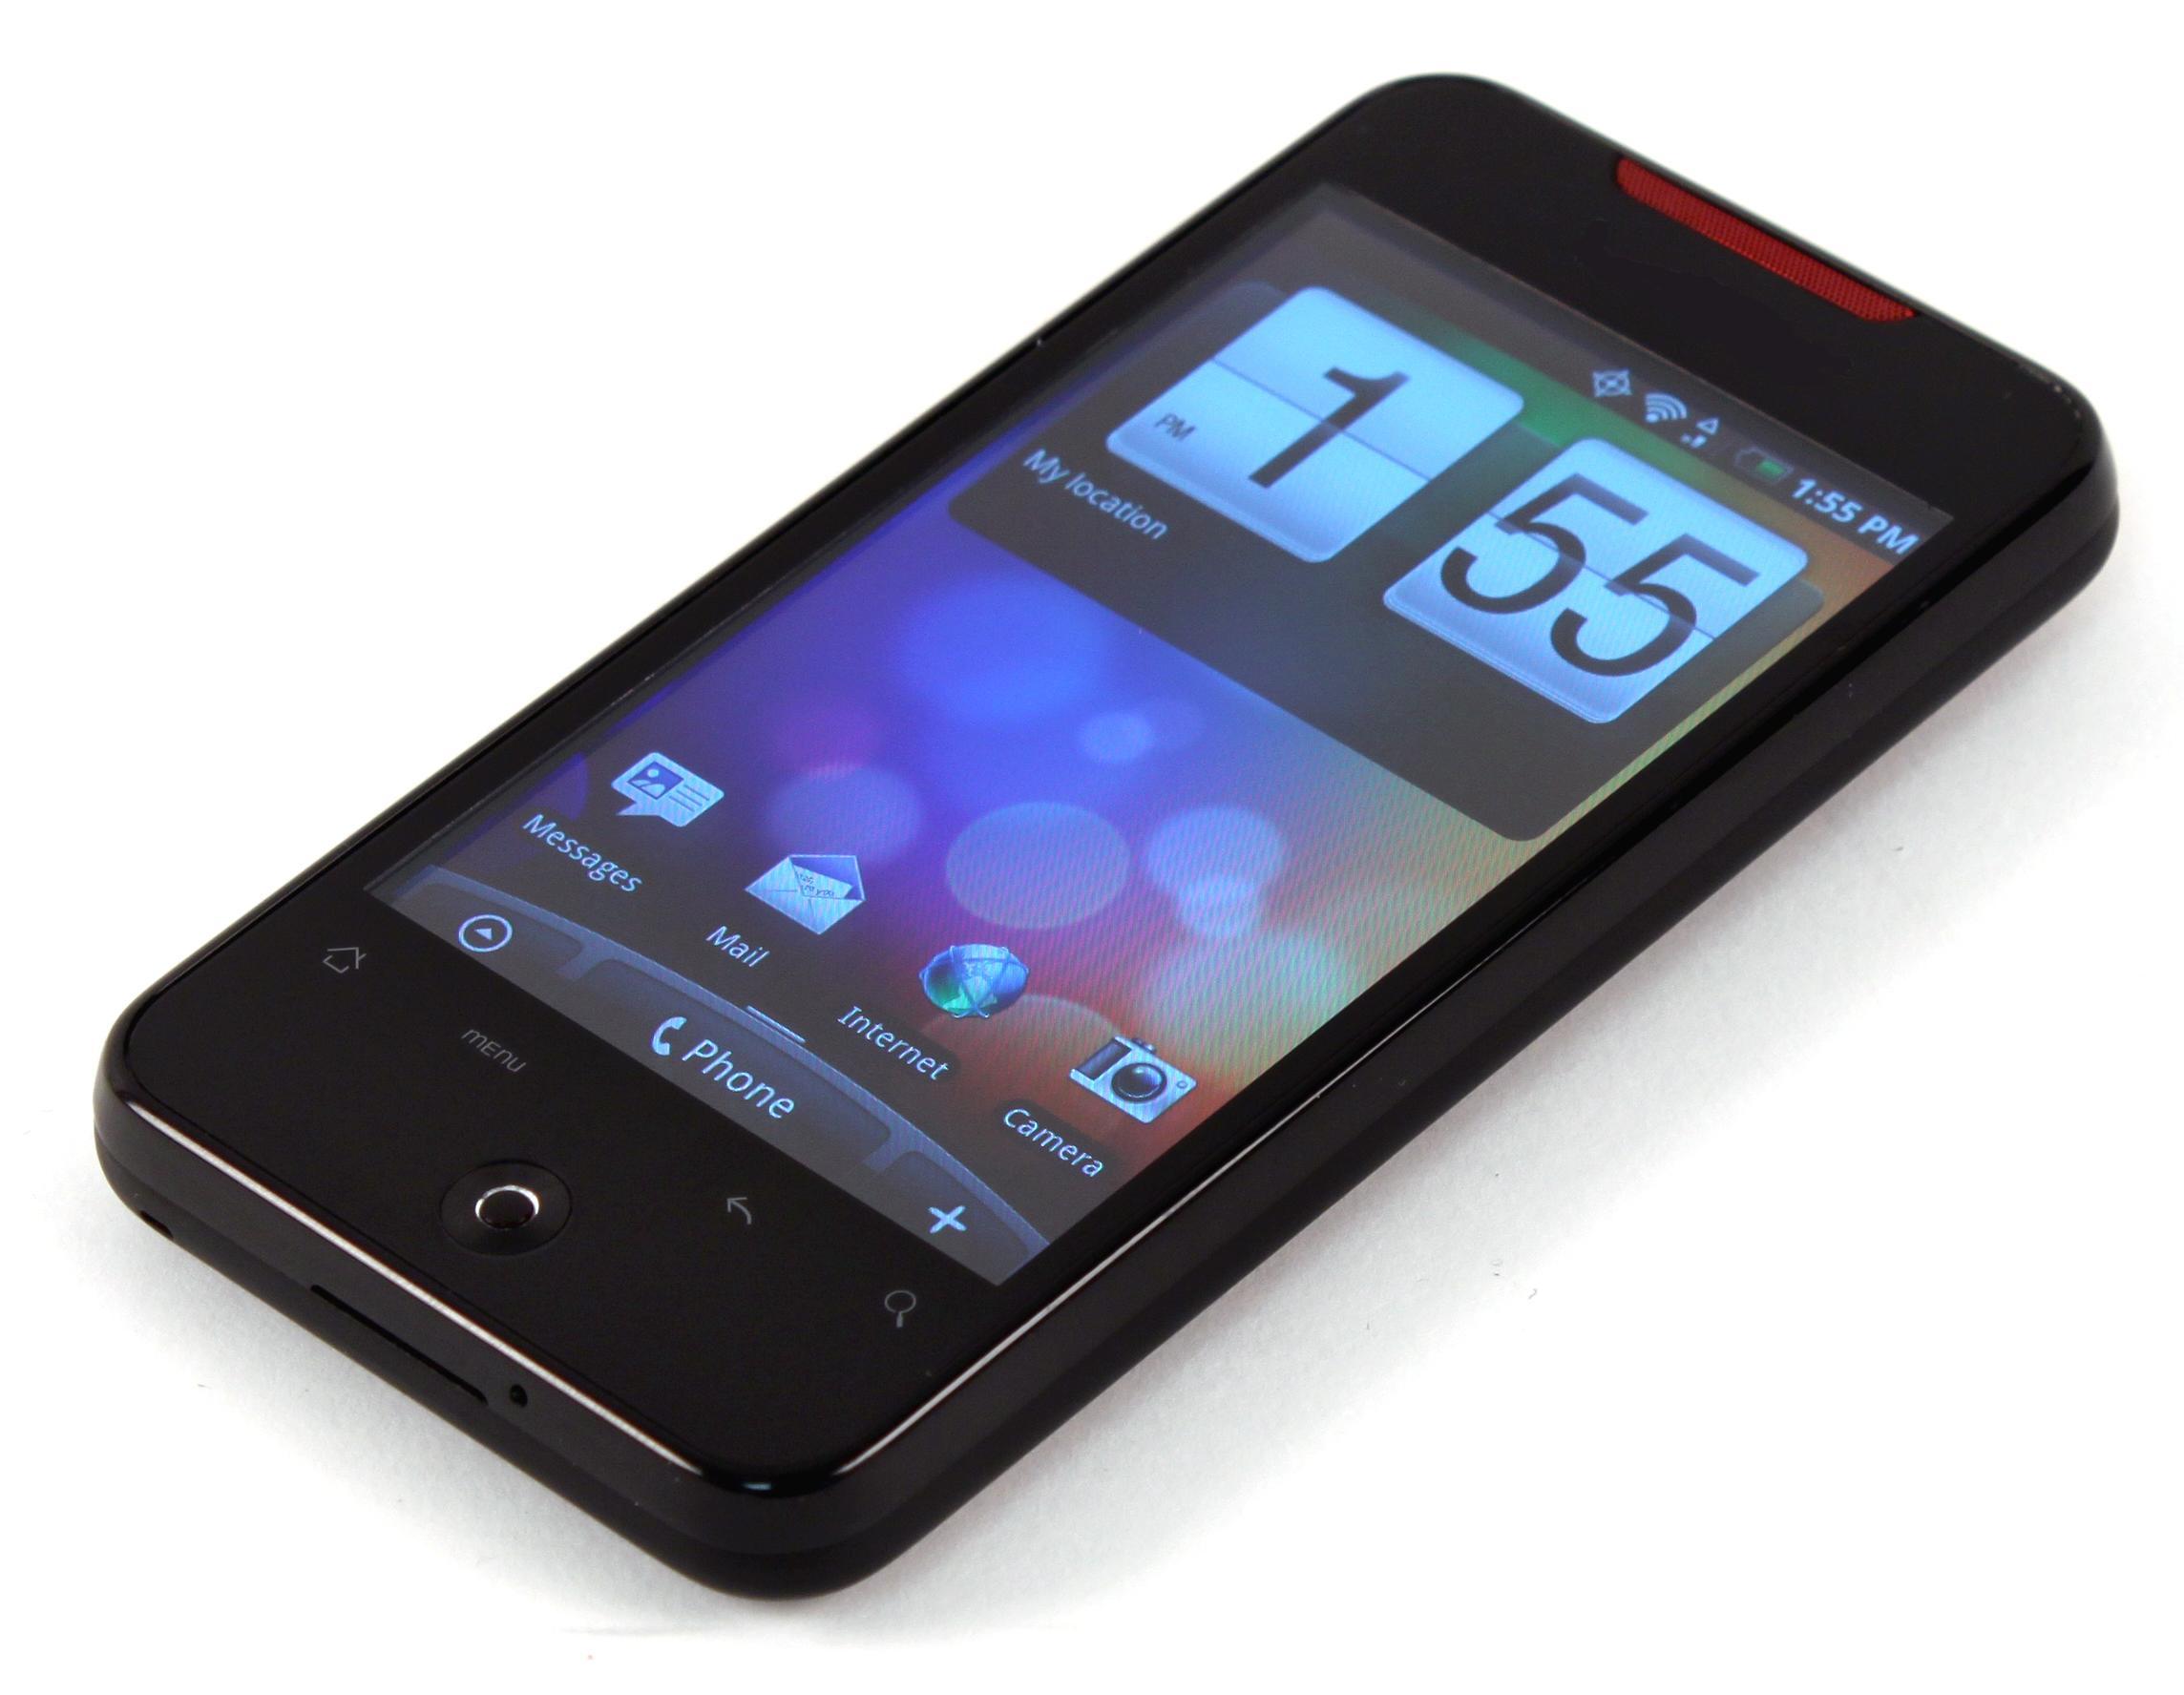 Scarica WhatsApp gratuitamente per HTC Gratia, HD Mini, HD7 S, HERO, incredibile 5